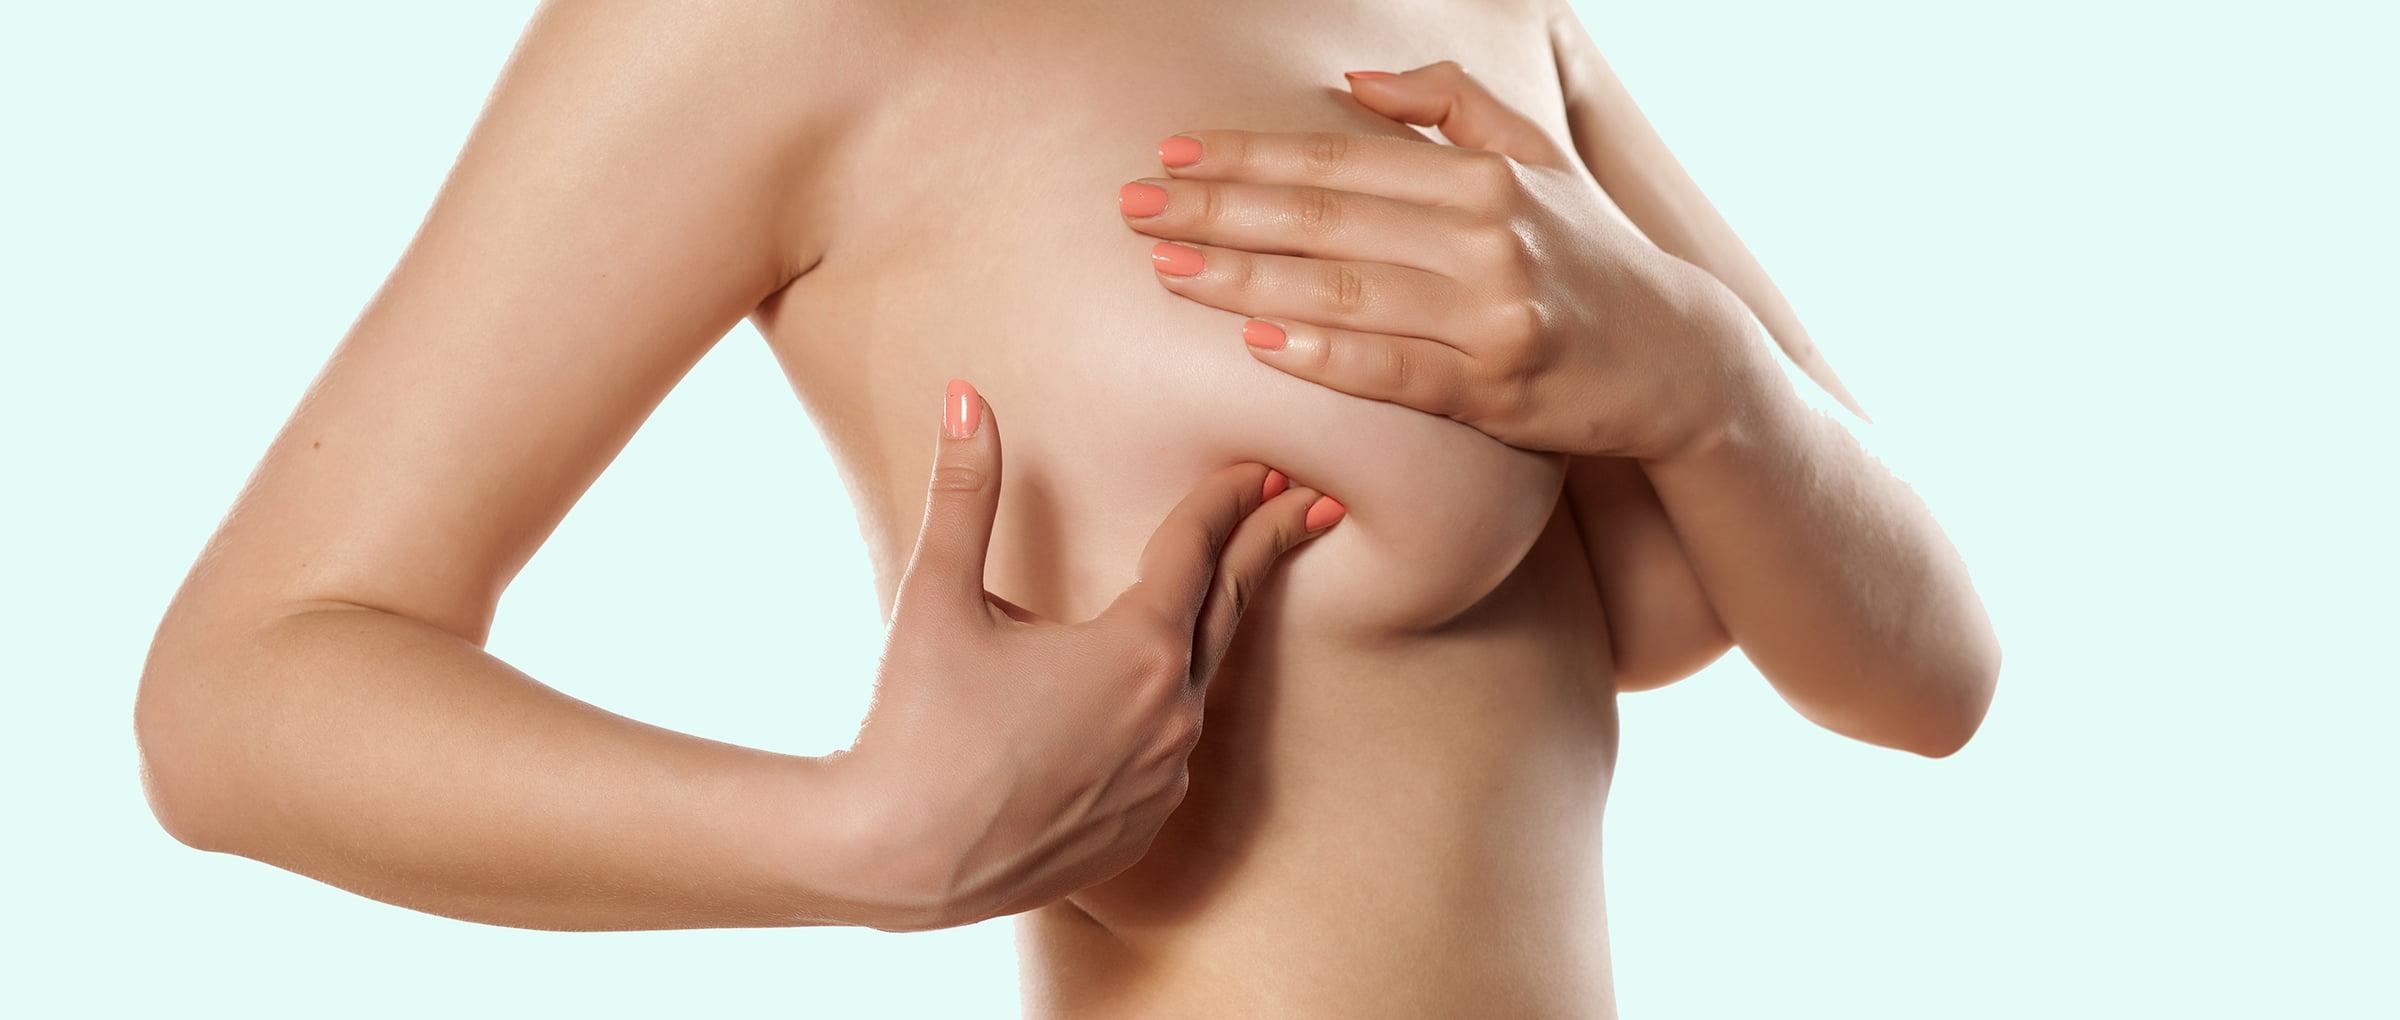 Palpación mamaria